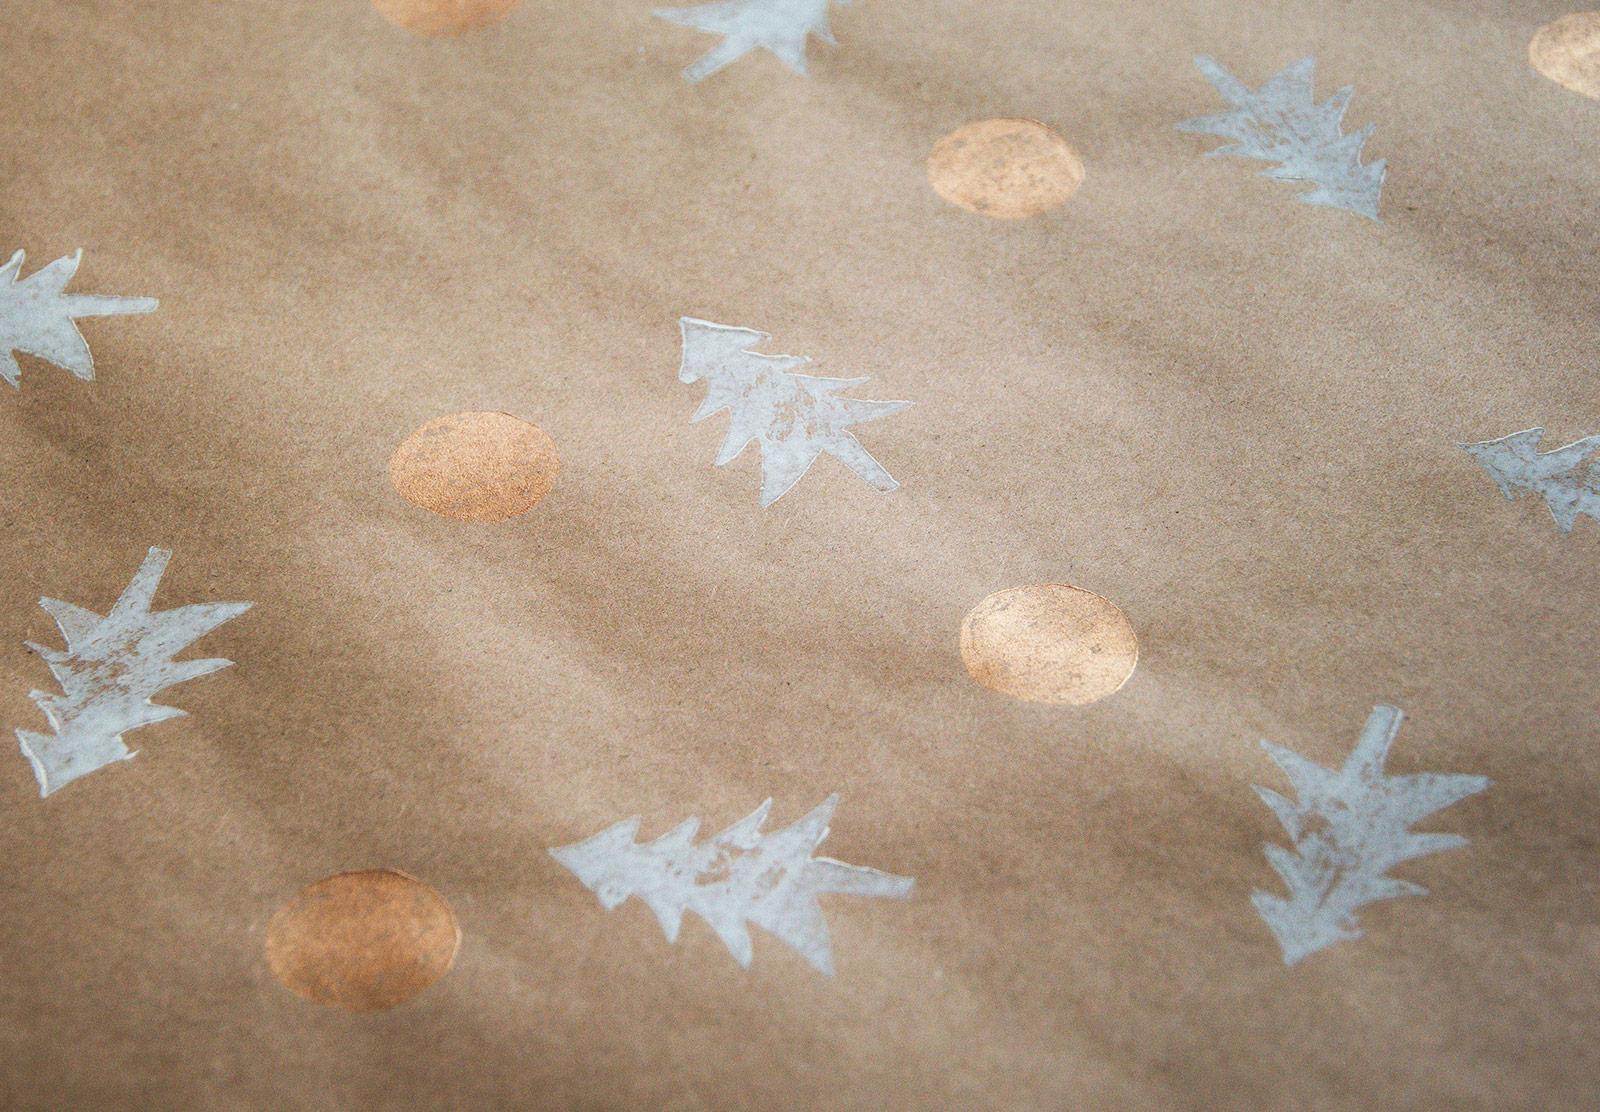 Closeup of Christmas wrap